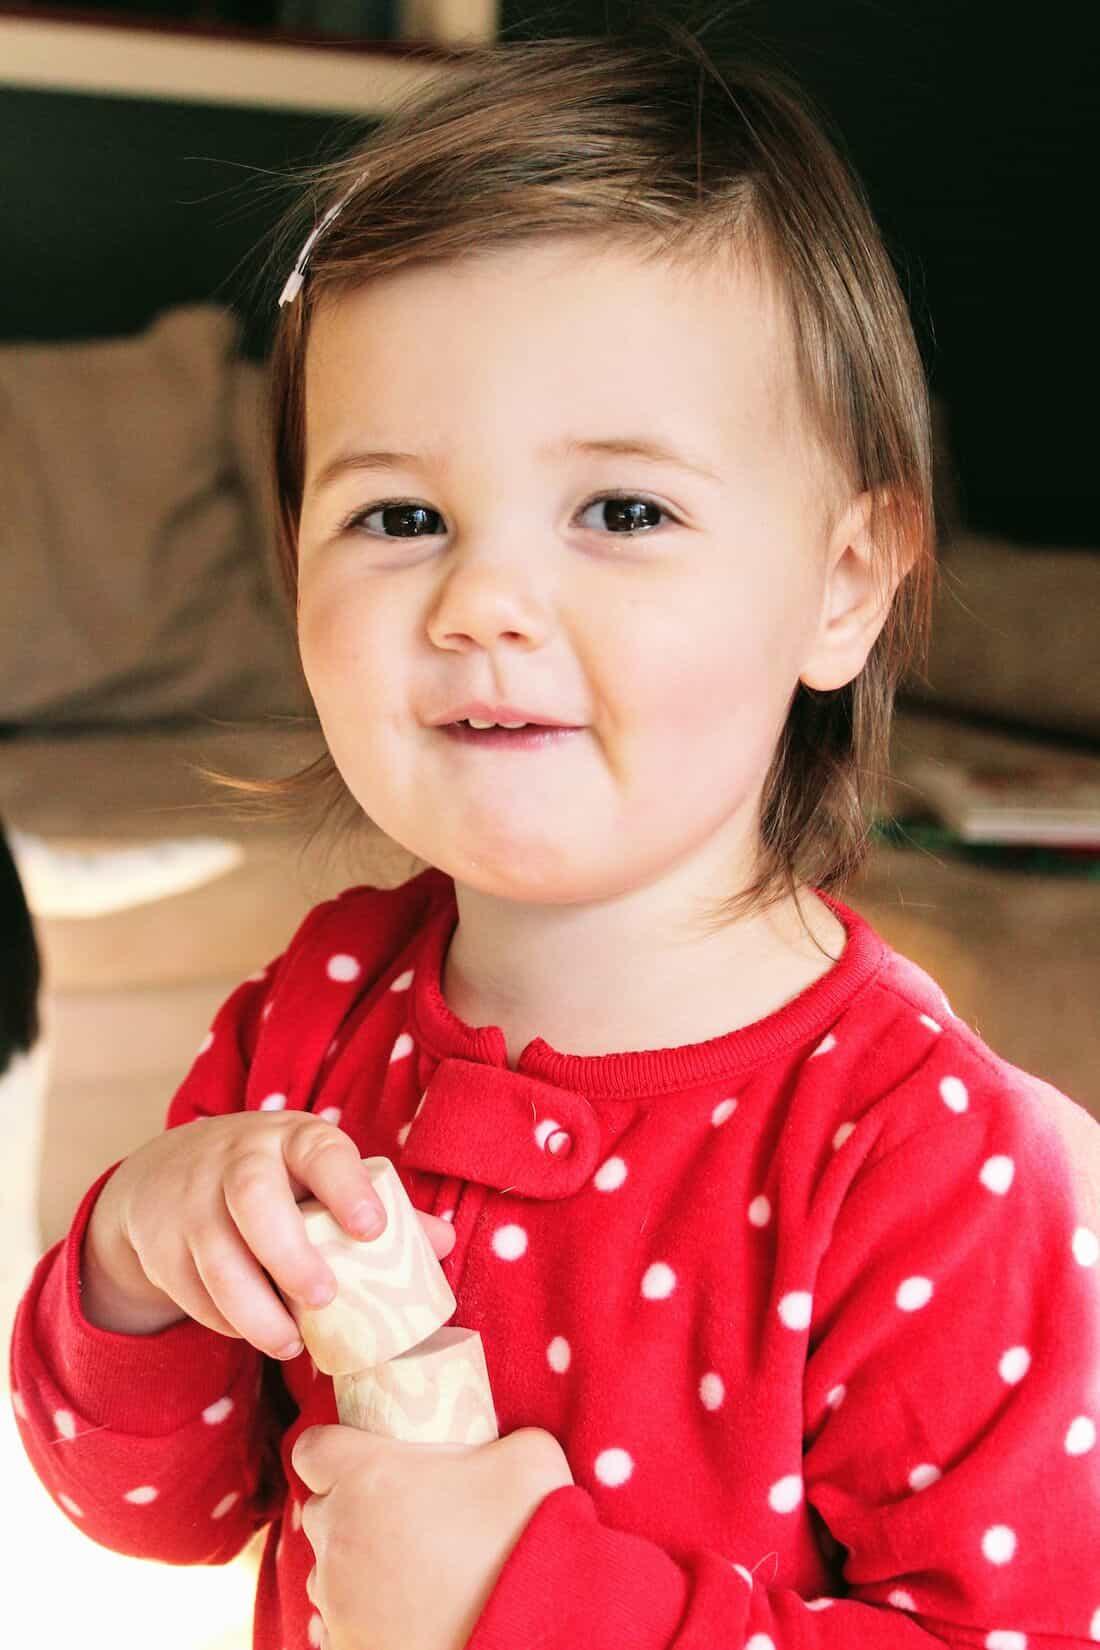 Toddler girl in Christmas PJs.